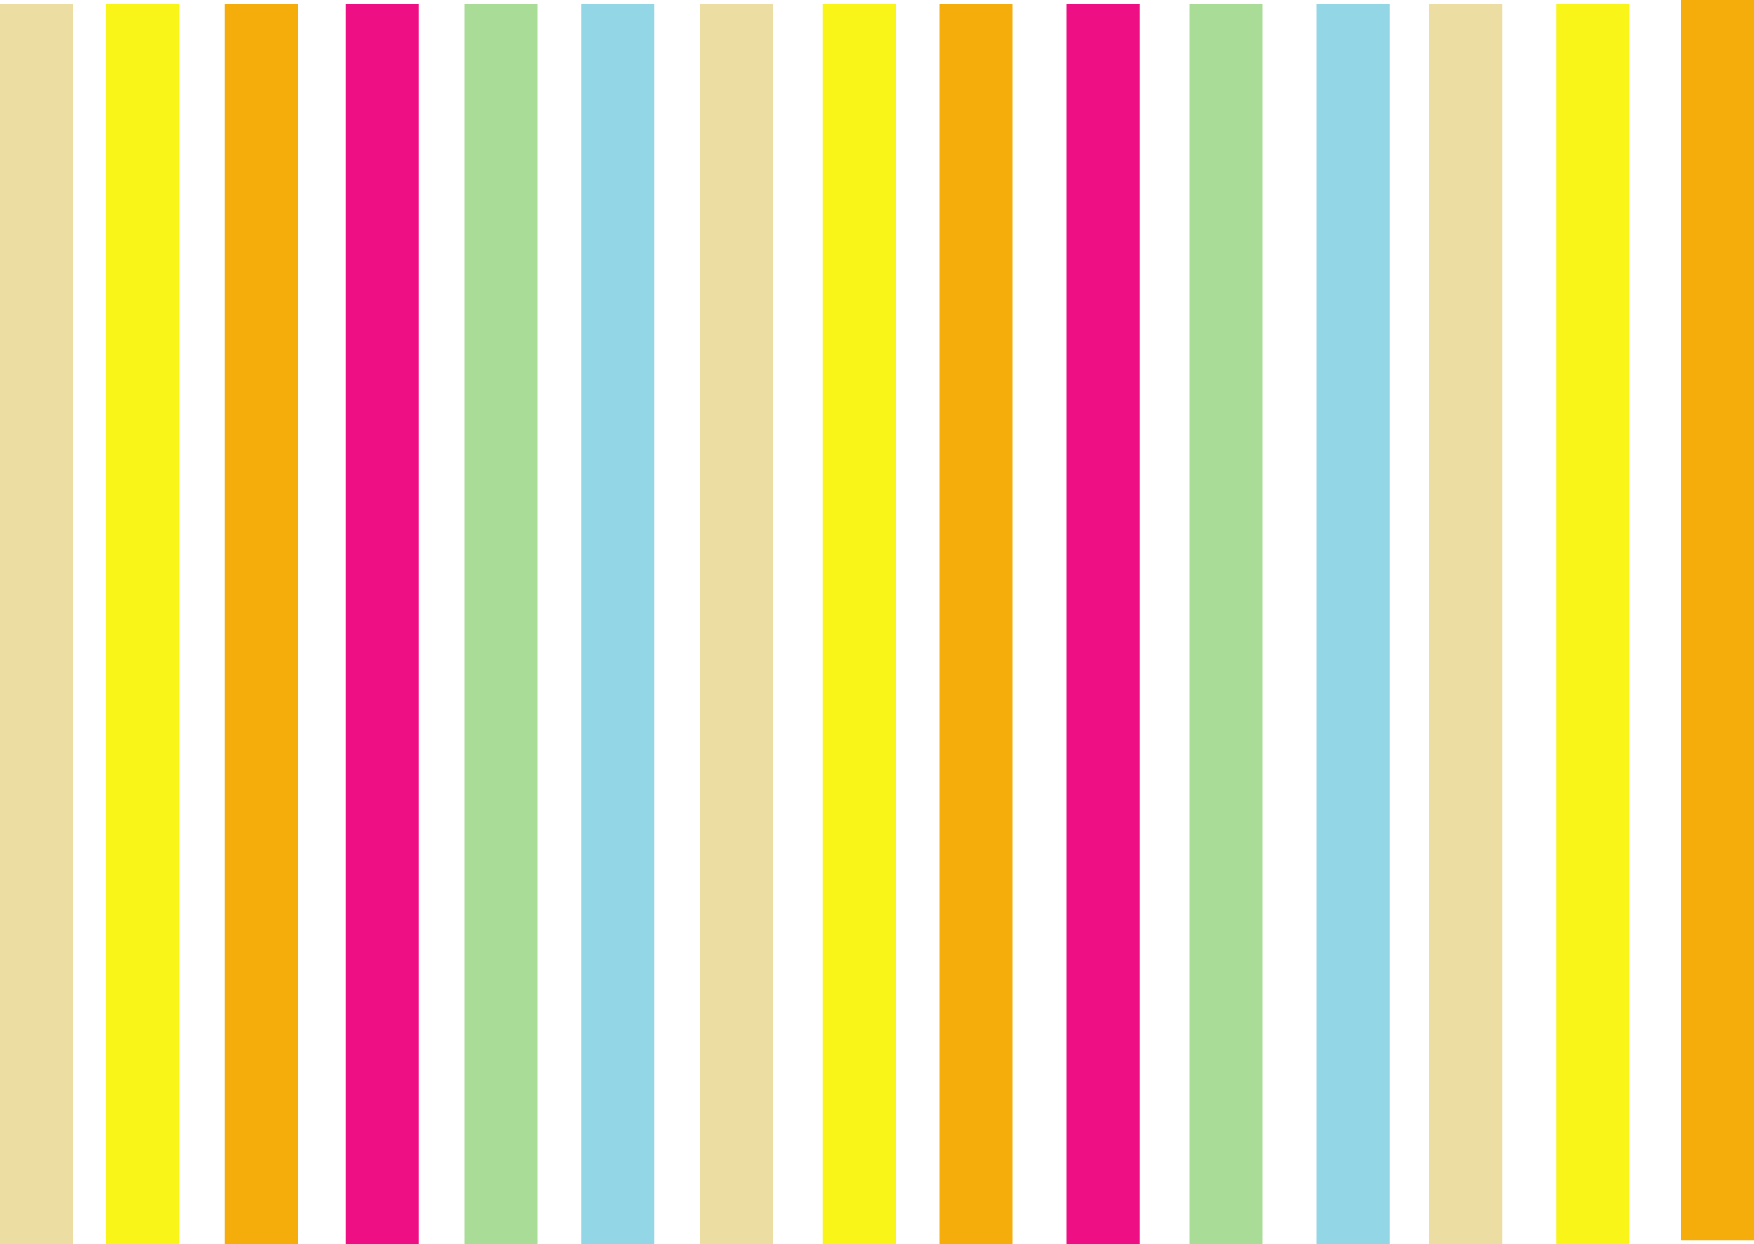 Colorful Stripe Wallpaper 8886 1754x1244   uMadcom 1754x1244